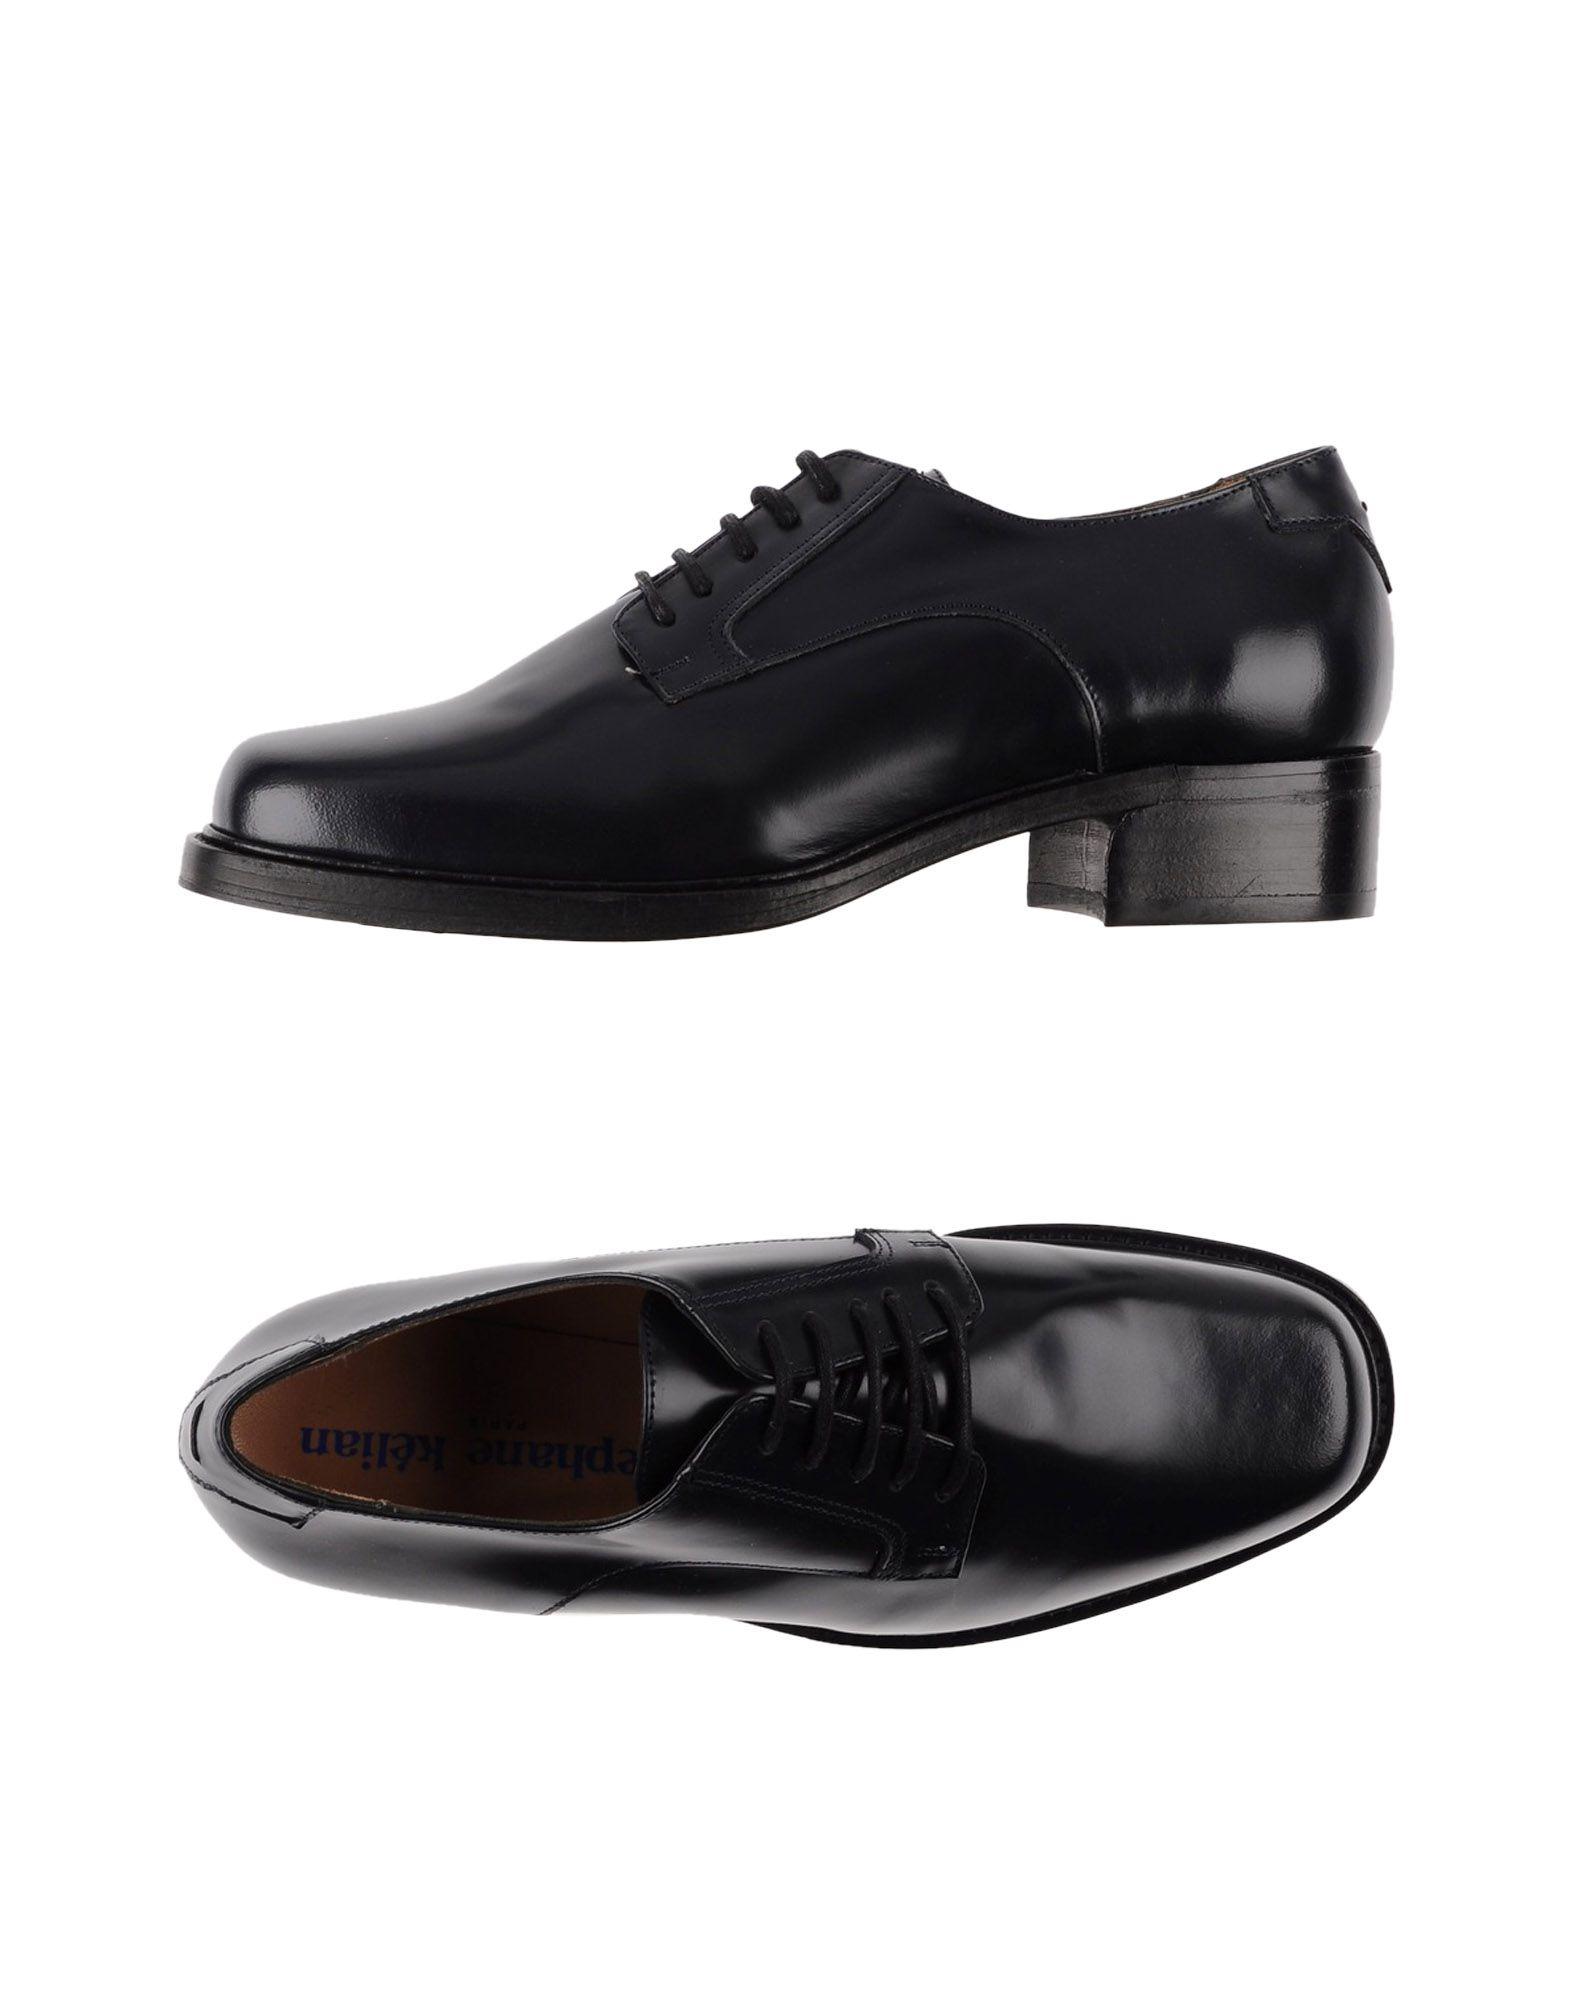 Gut um billige Schuhe Damen zu tragenStephane Kélian Schnürschuhe Damen Schuhe  44996852SD 34abb0